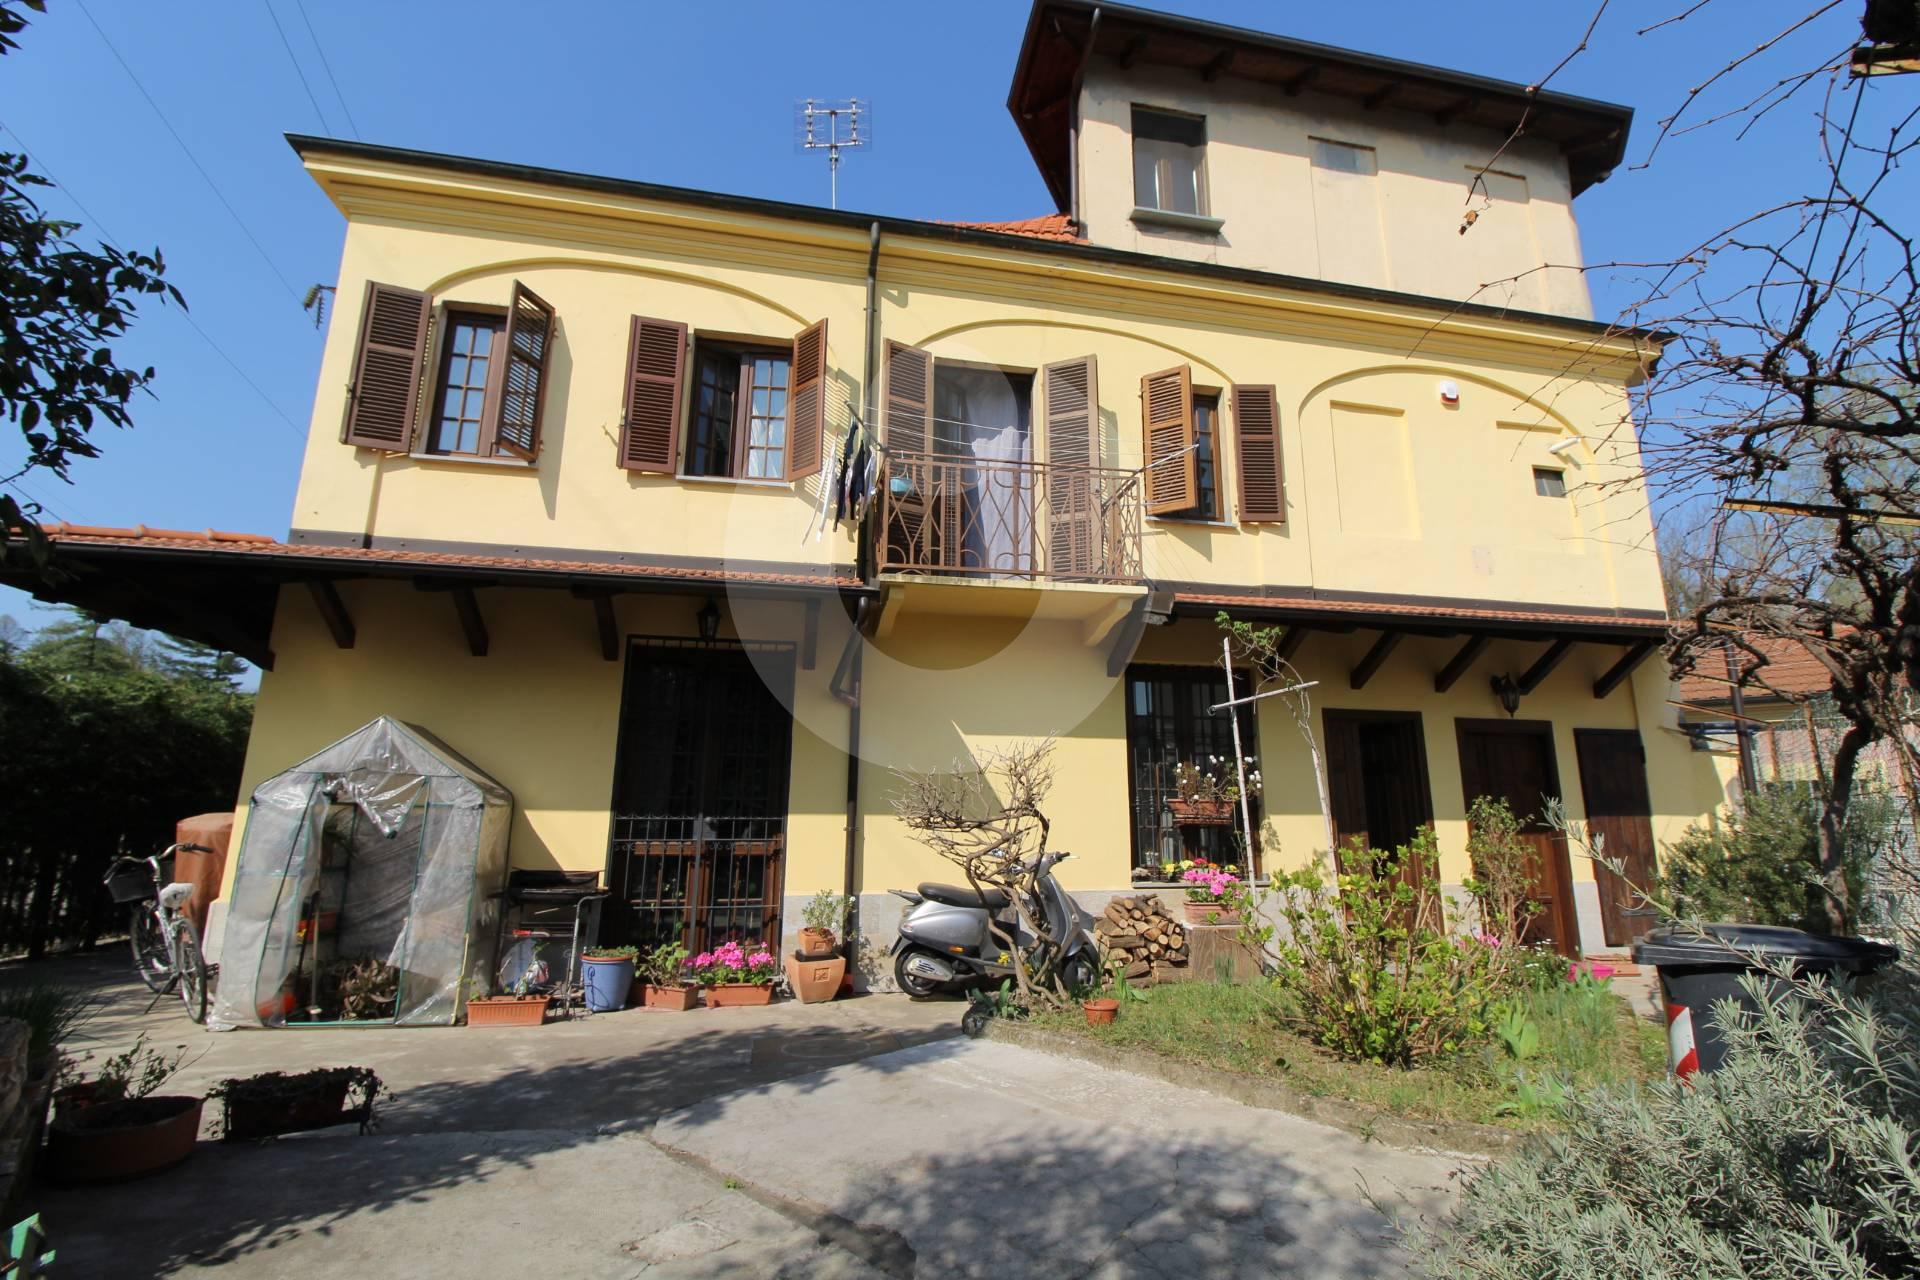 Soluzione Indipendente in vendita a Alpignano, 7 locali, prezzo € 258.000 | CambioCasa.it